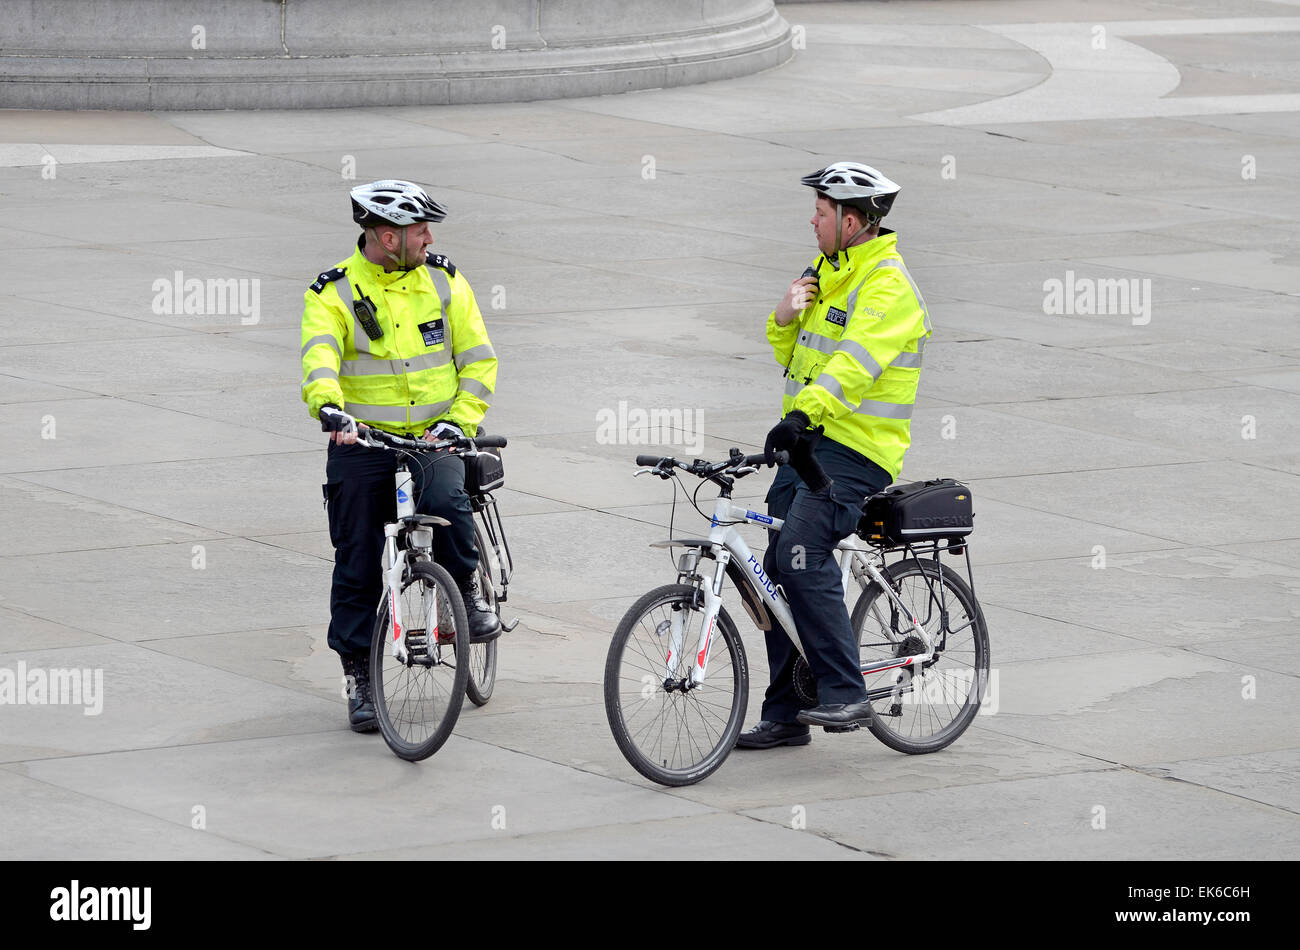 Londres, Inglaterra, Reino Unido. Funcionarios de la policía metropolitana en bicicletas en Trafalgar Square Imagen De Stock